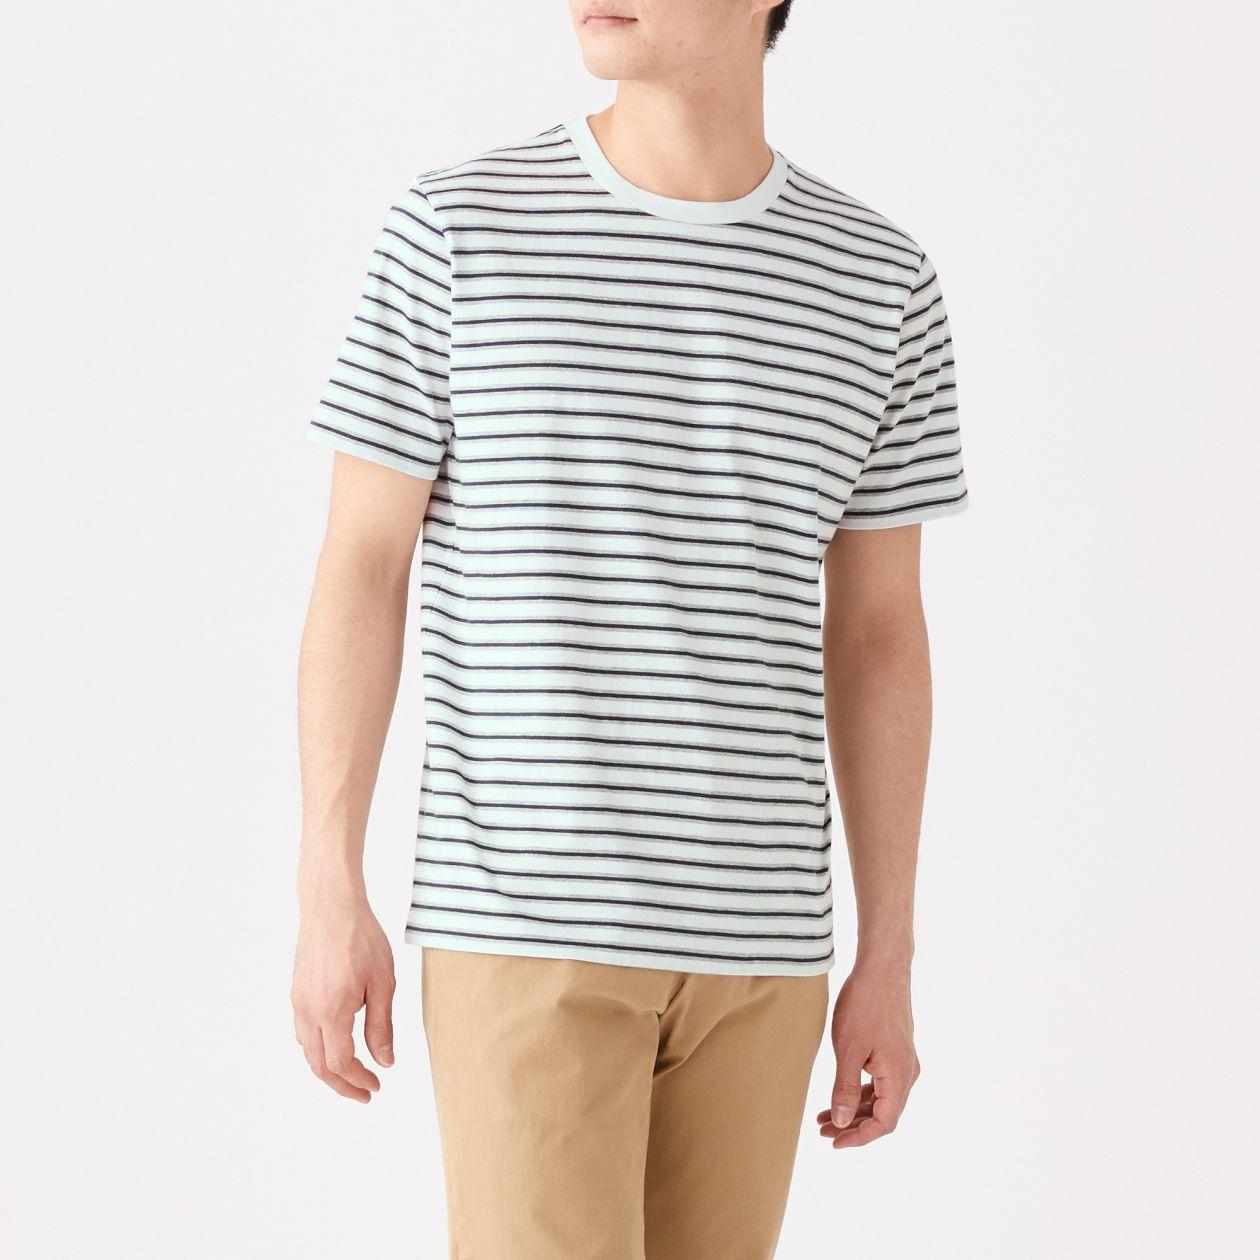 インド綿 天竺編みボーダー半袖Tシャツ